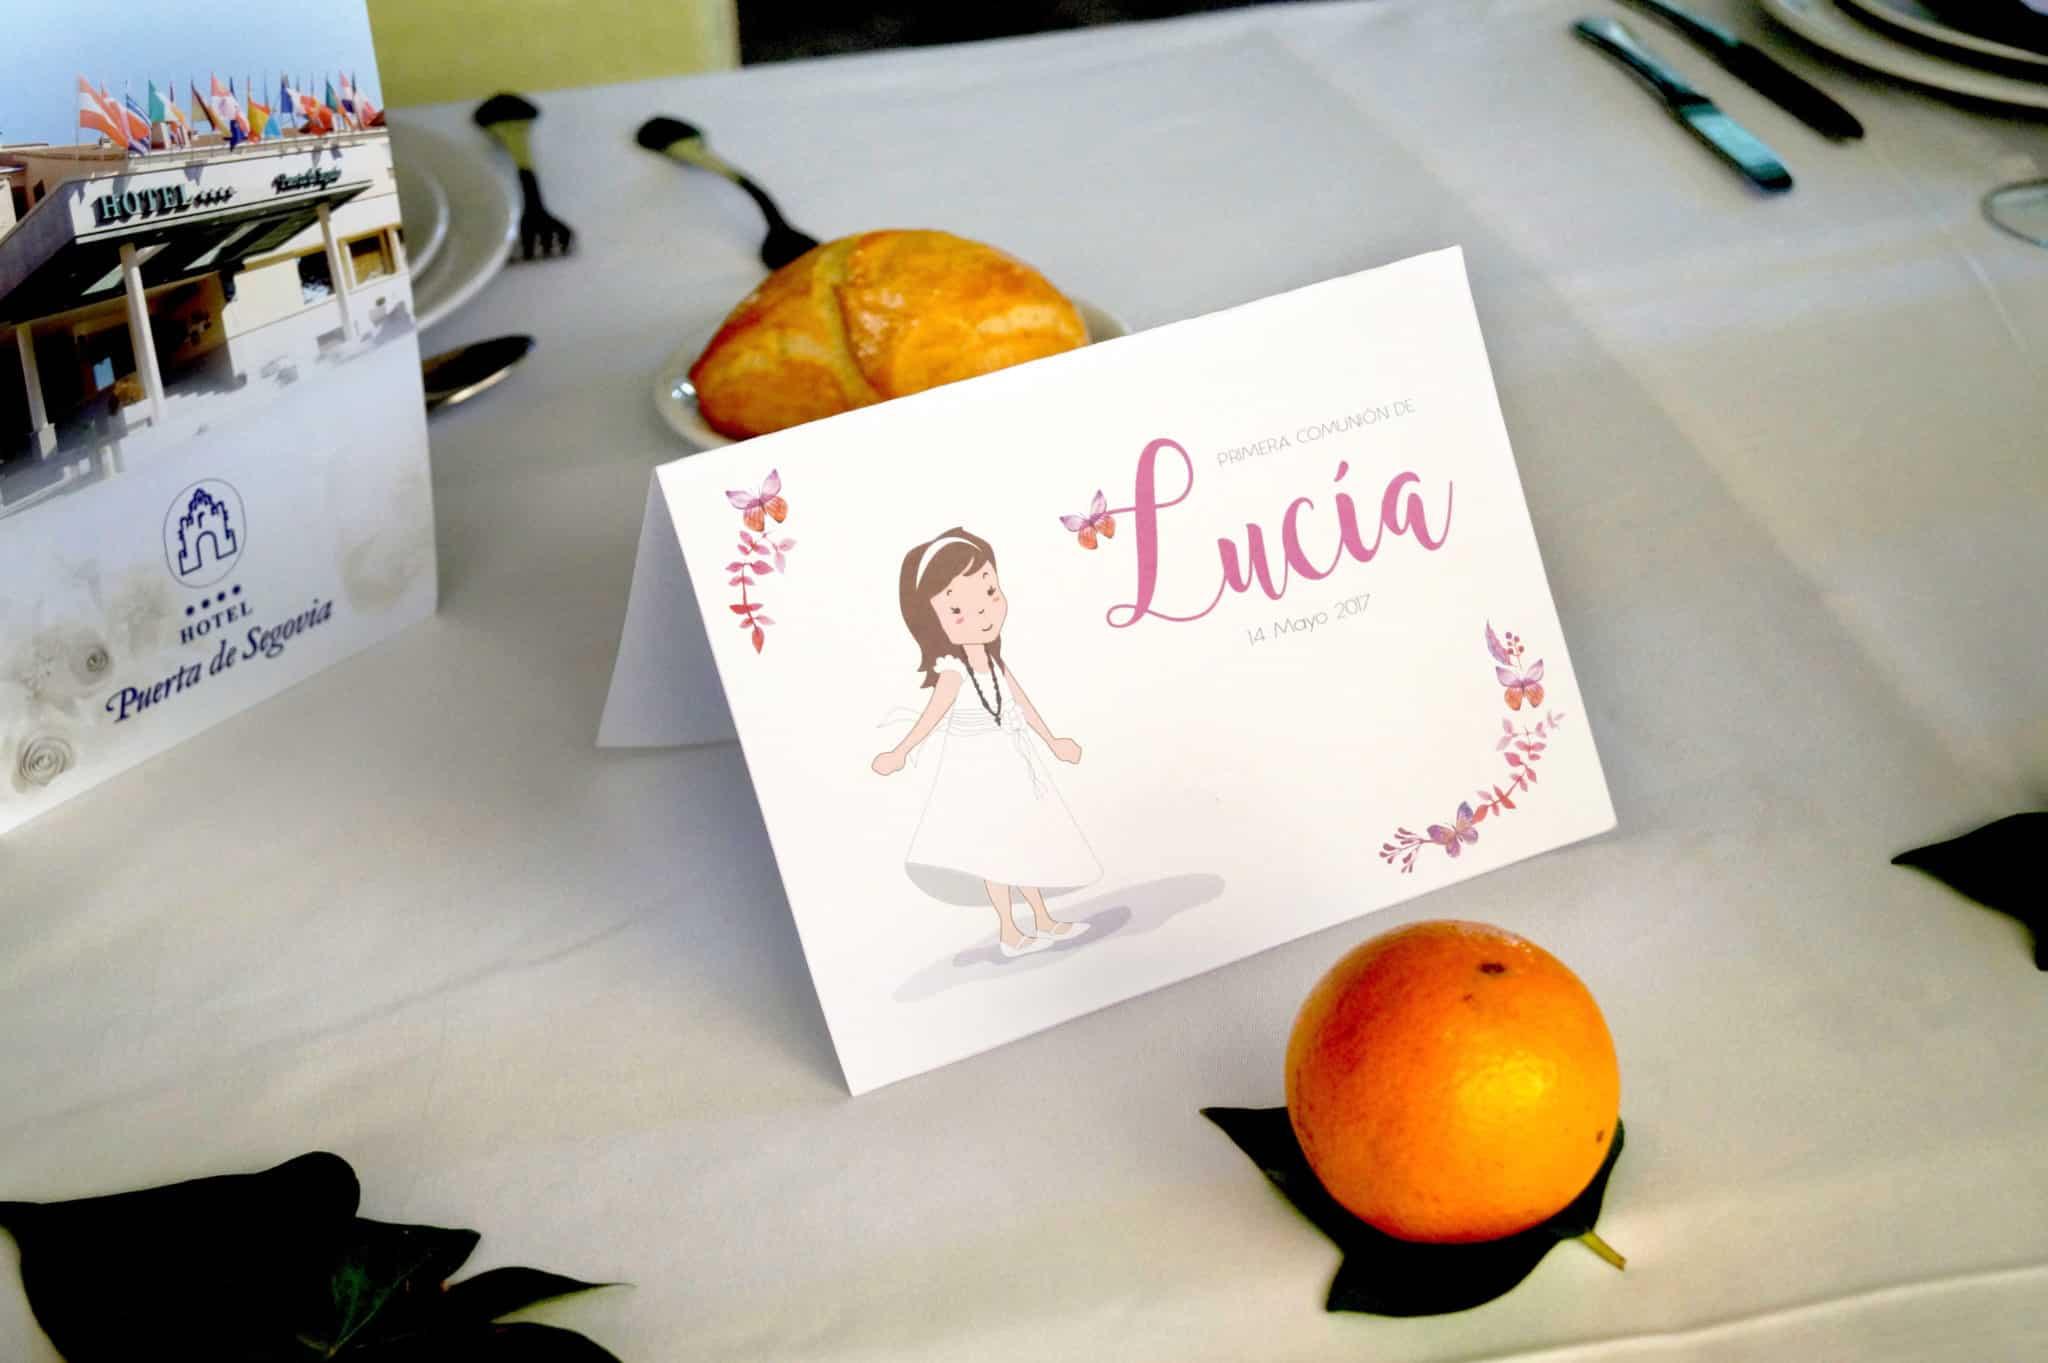 Detalle de la cartelería en la mesa de Comunión de Lucía